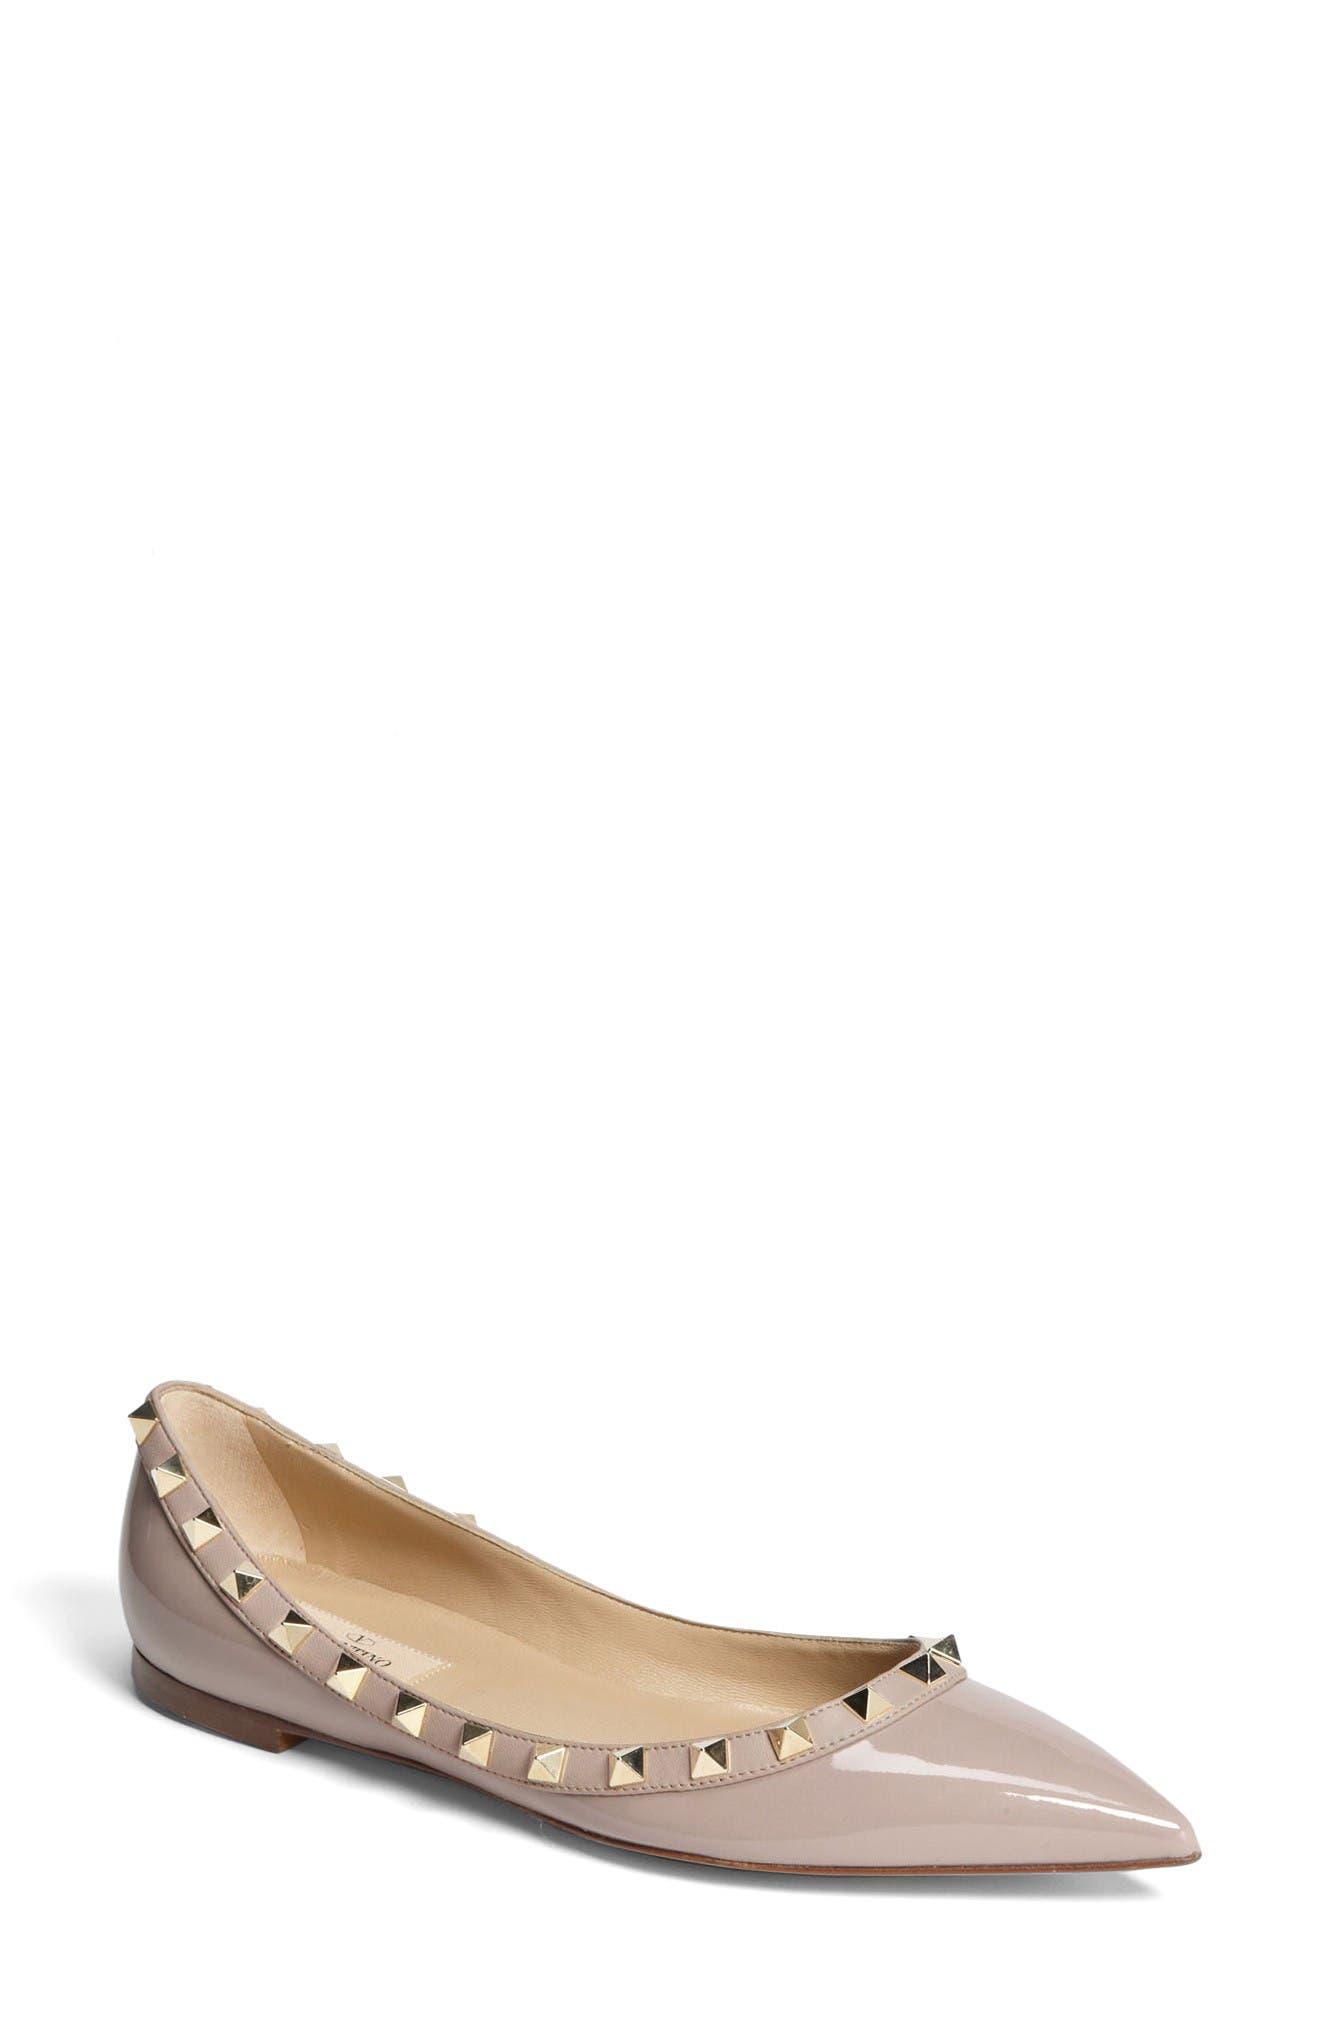 c038f8099e4c Women s Flats   Ballet Flats